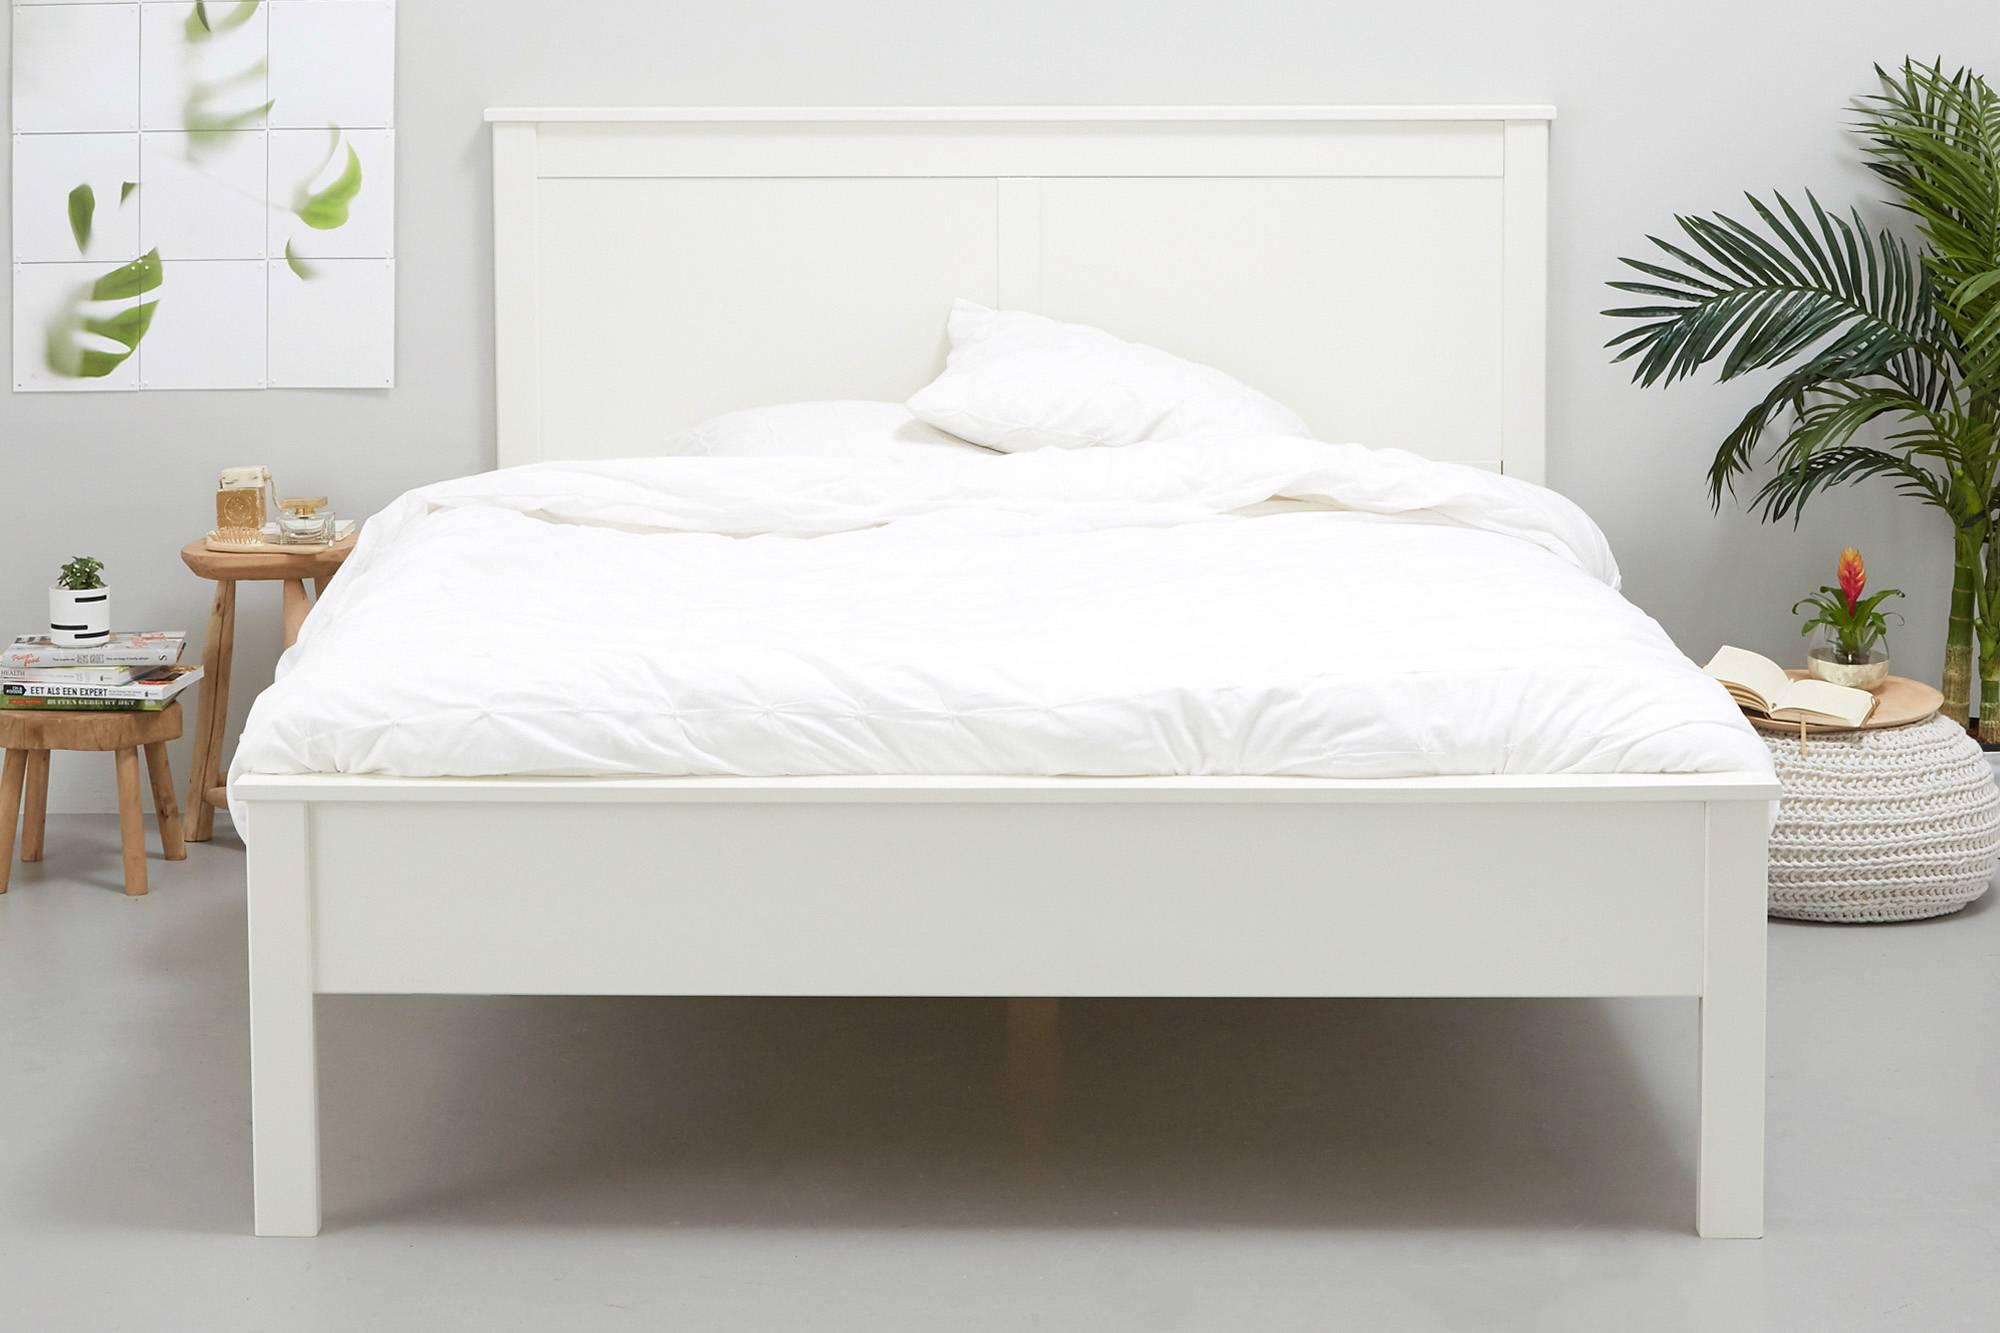 Twijfelaar Bed Wehkamp.Whkmp S Own Bed Denver 180x200 Cm Wehkamp